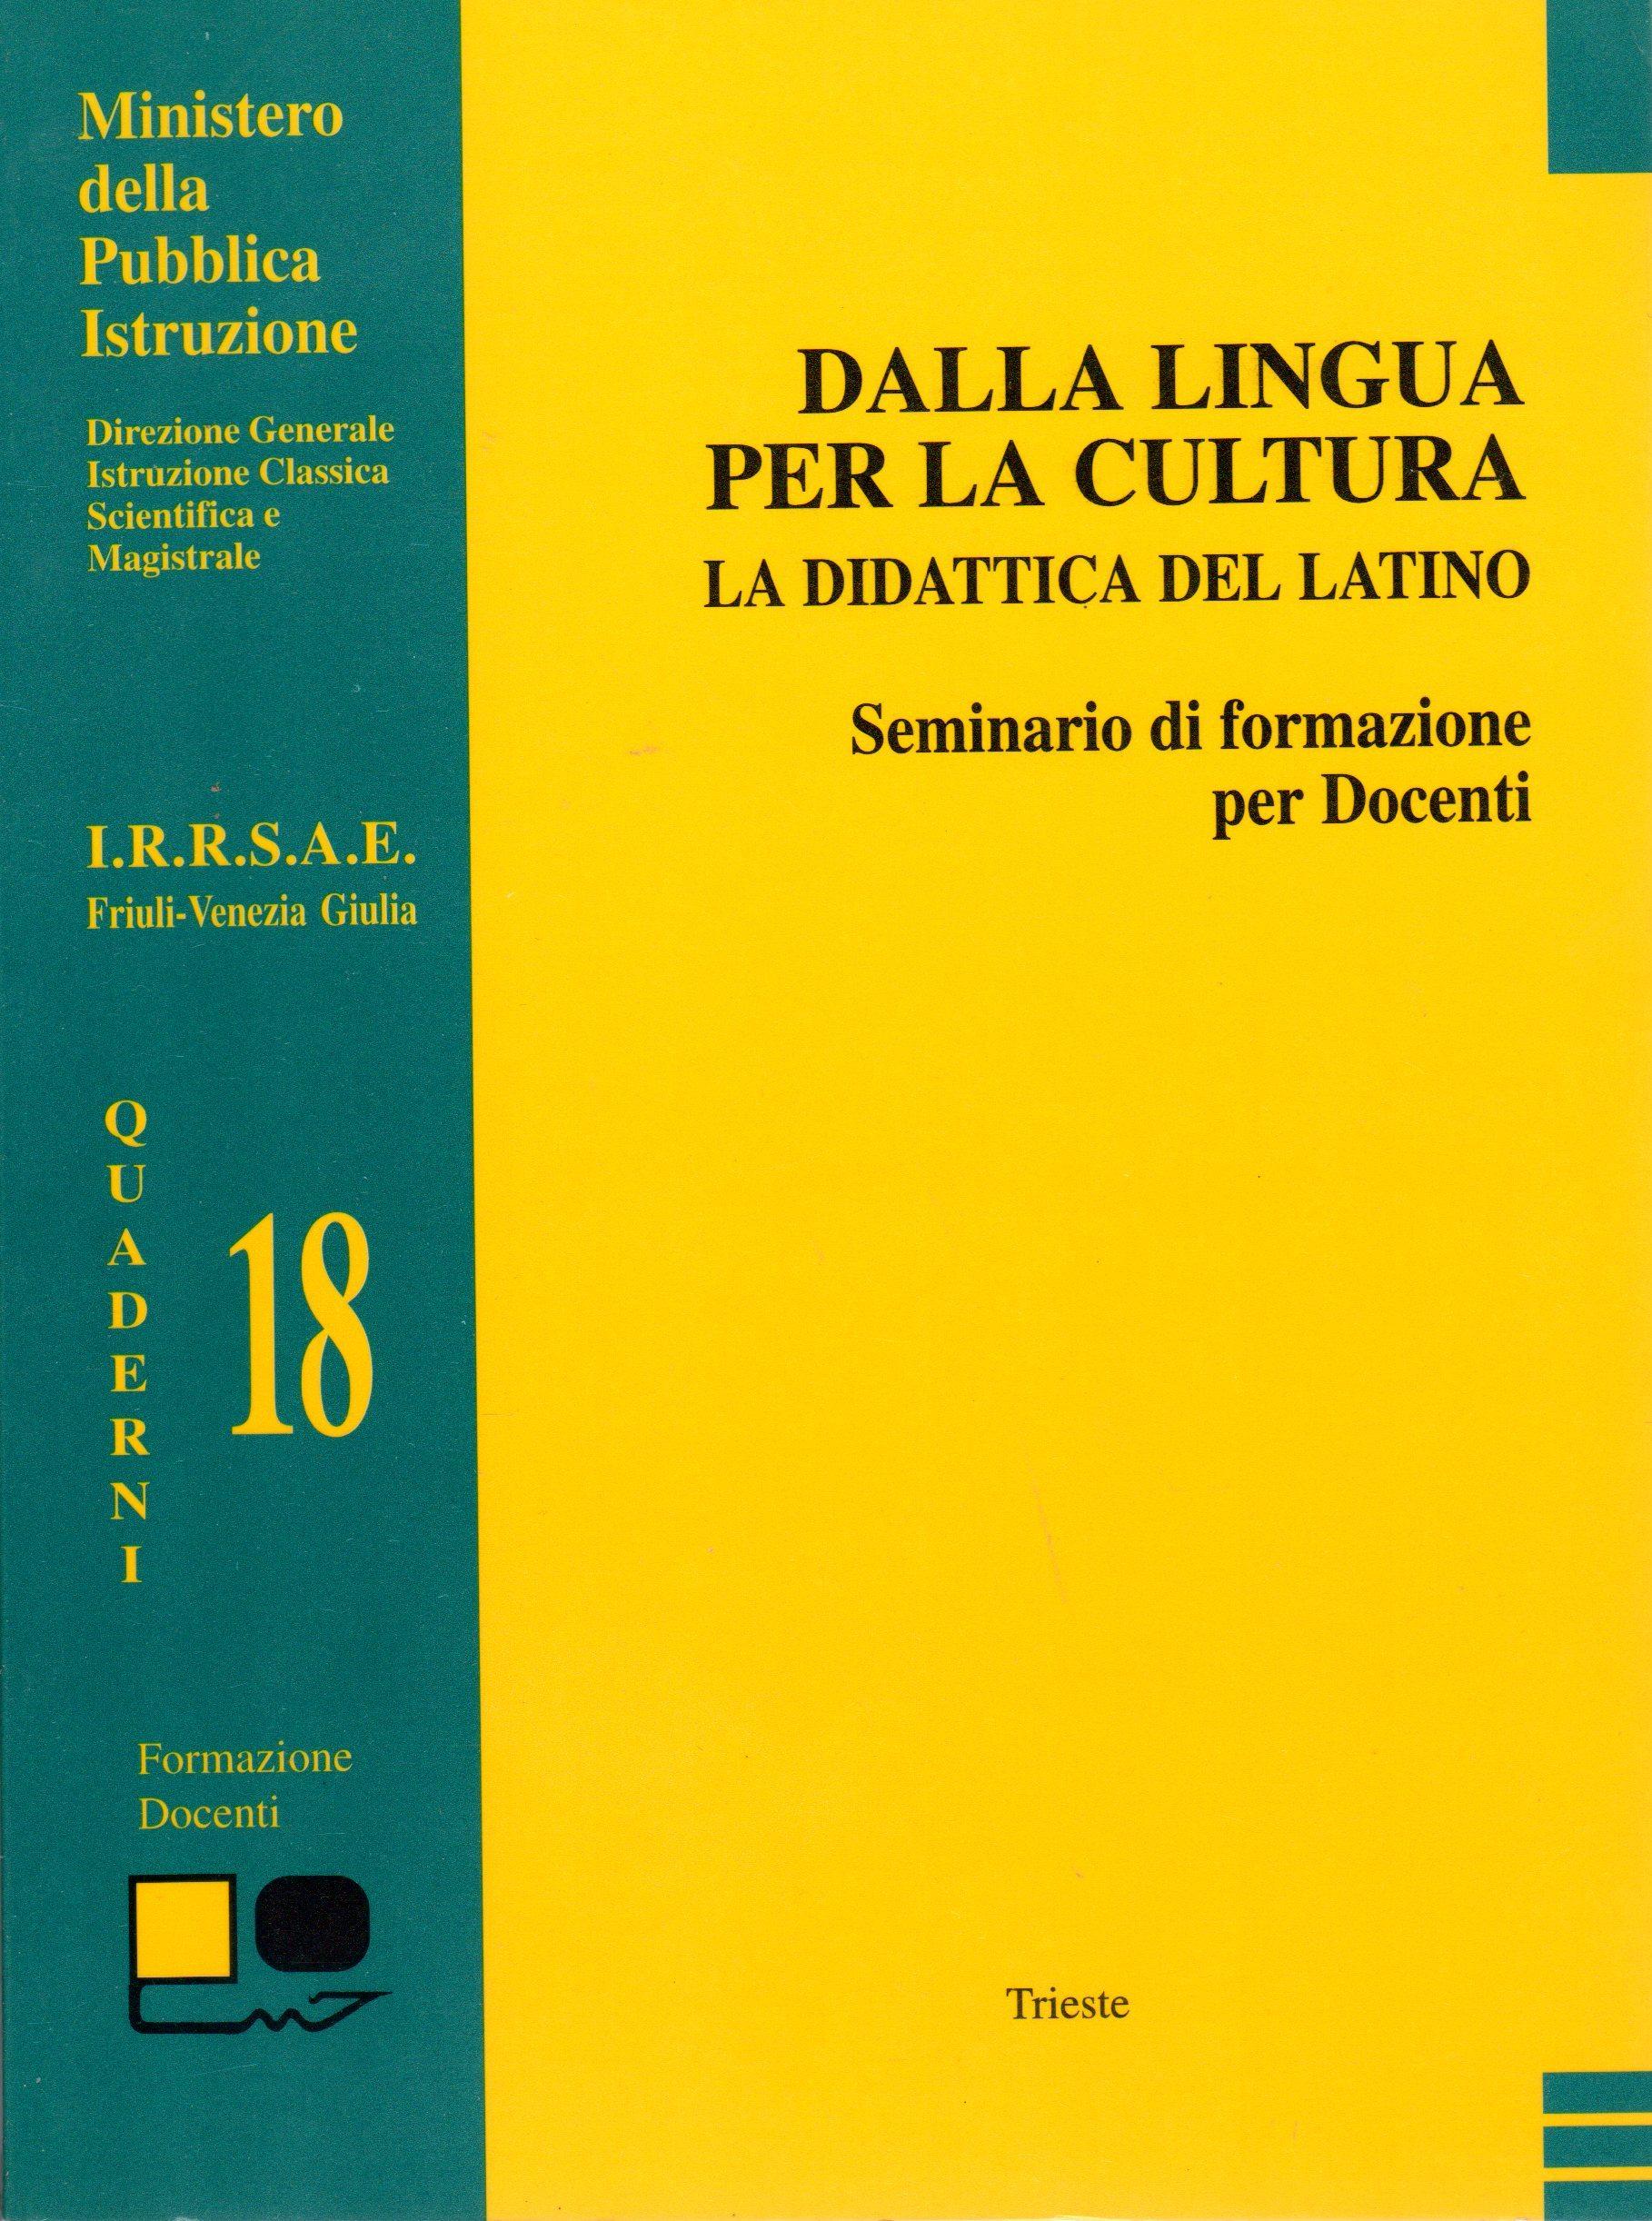 Dalla lingua per la cultura. La didattica del latino